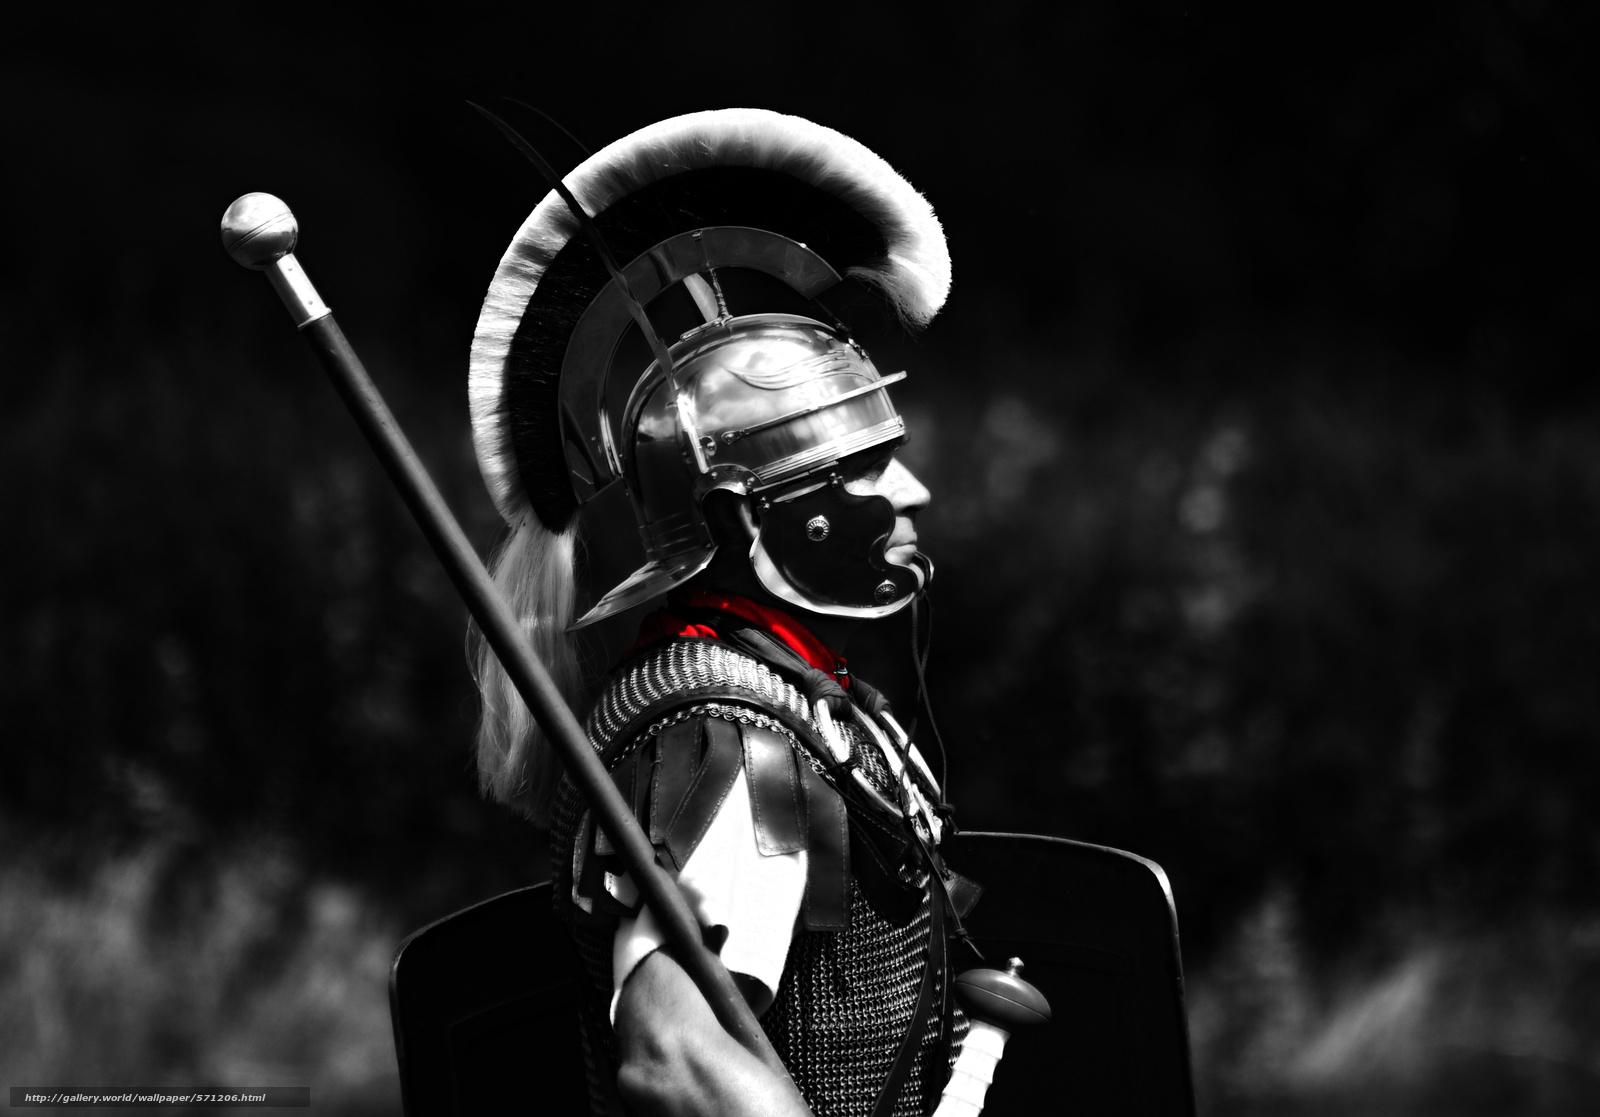 Скачать обои шлем,  легионер,  Центурион,  мужчина бесплатно для рабочего стола в разрешении 3659x2555 — картинка №571206